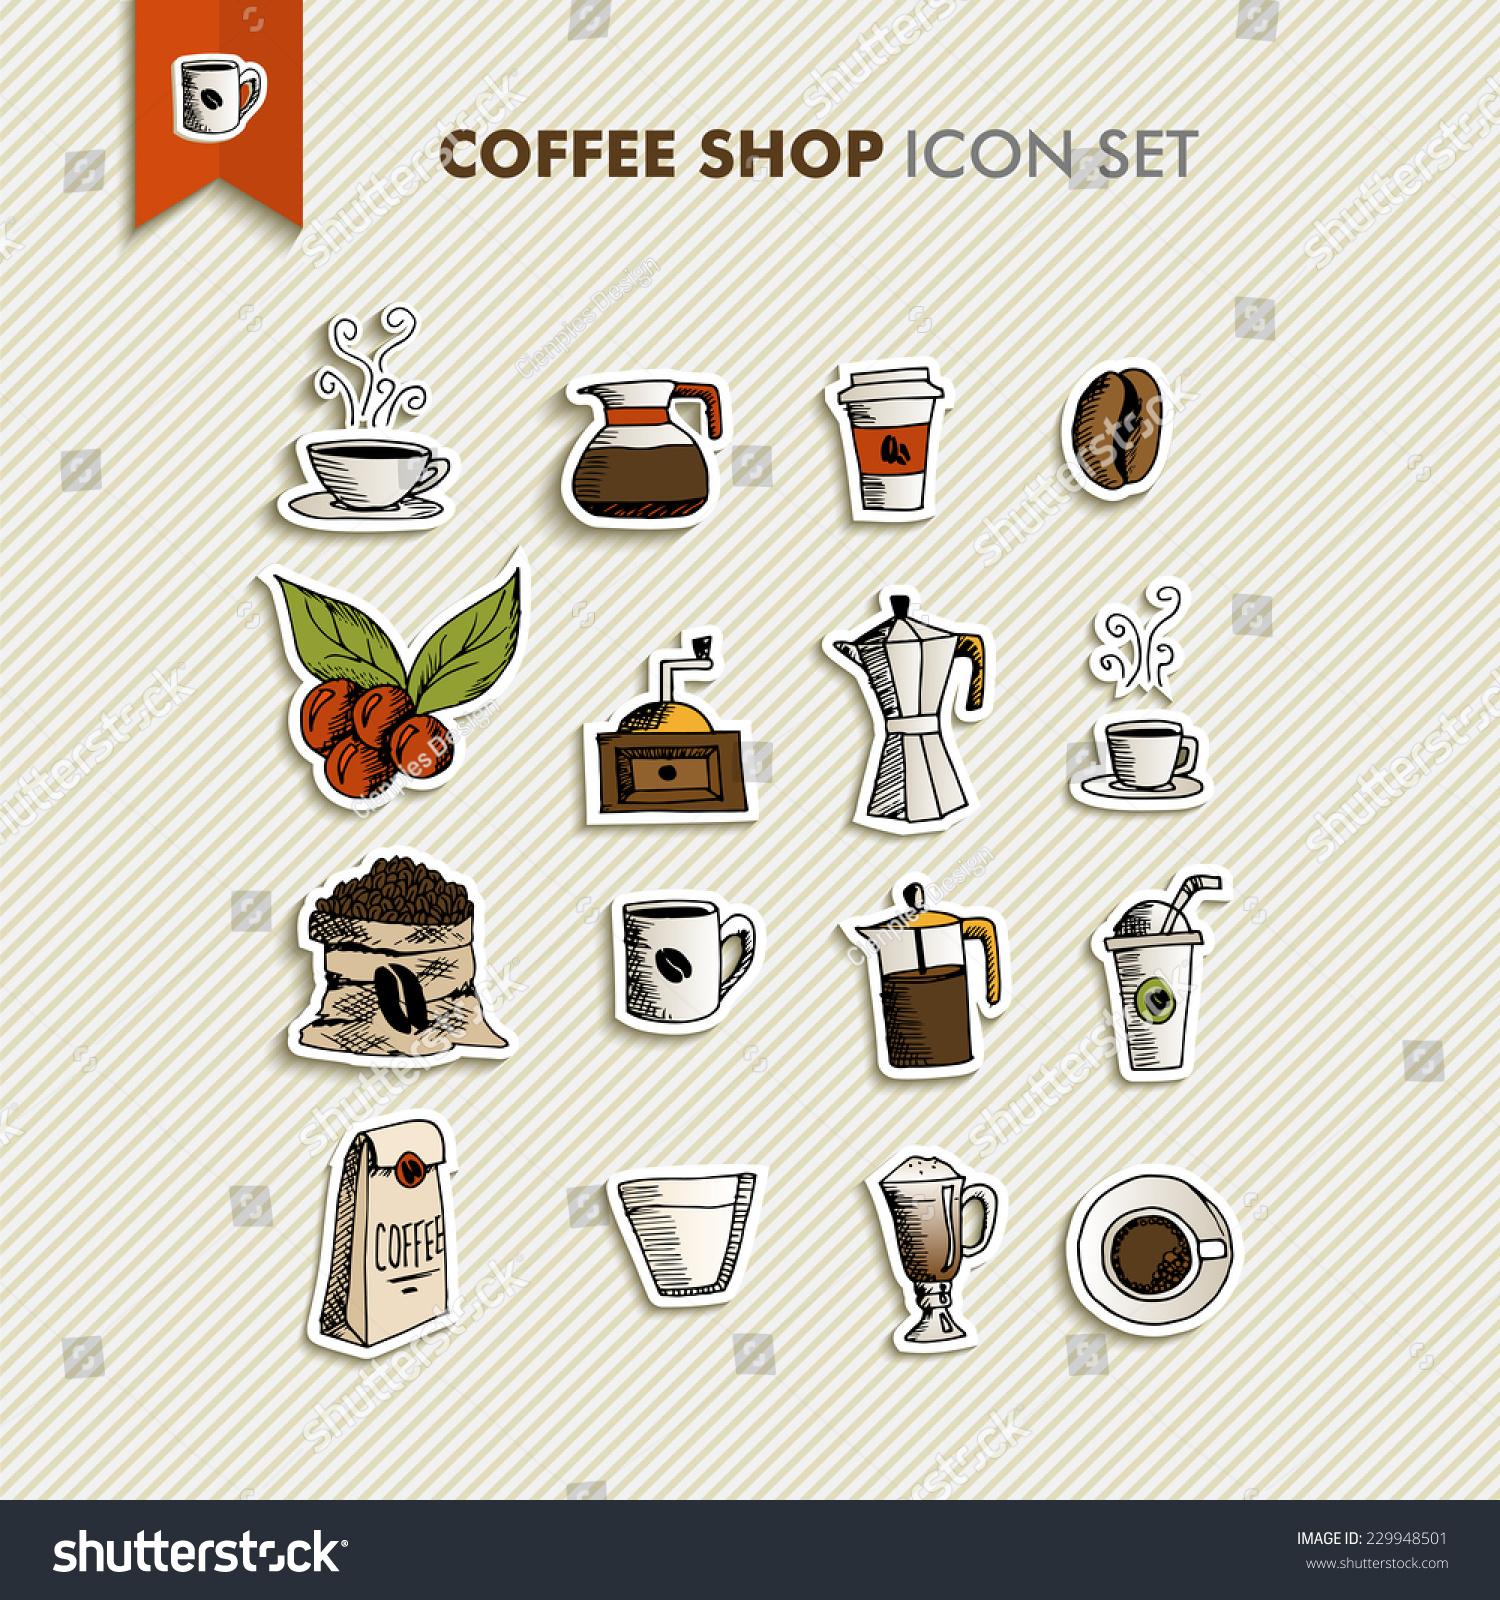 手绘咖啡店图标集设计.菜单